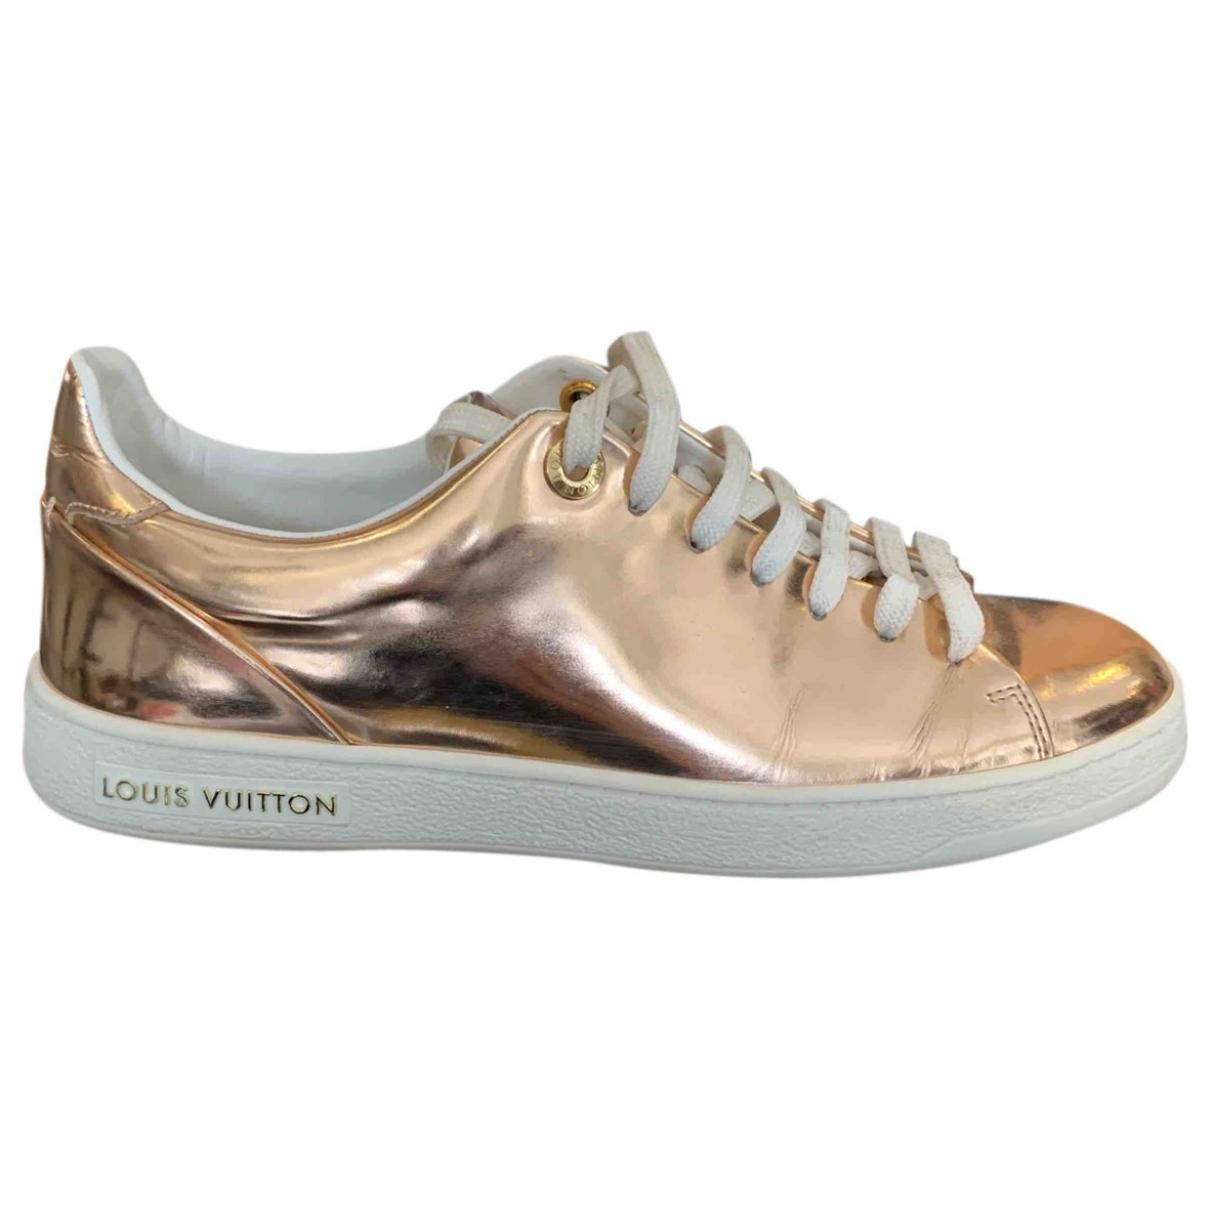 Louis Vuitton - Baskets FrontRow pour femme en cuir verni - metallise